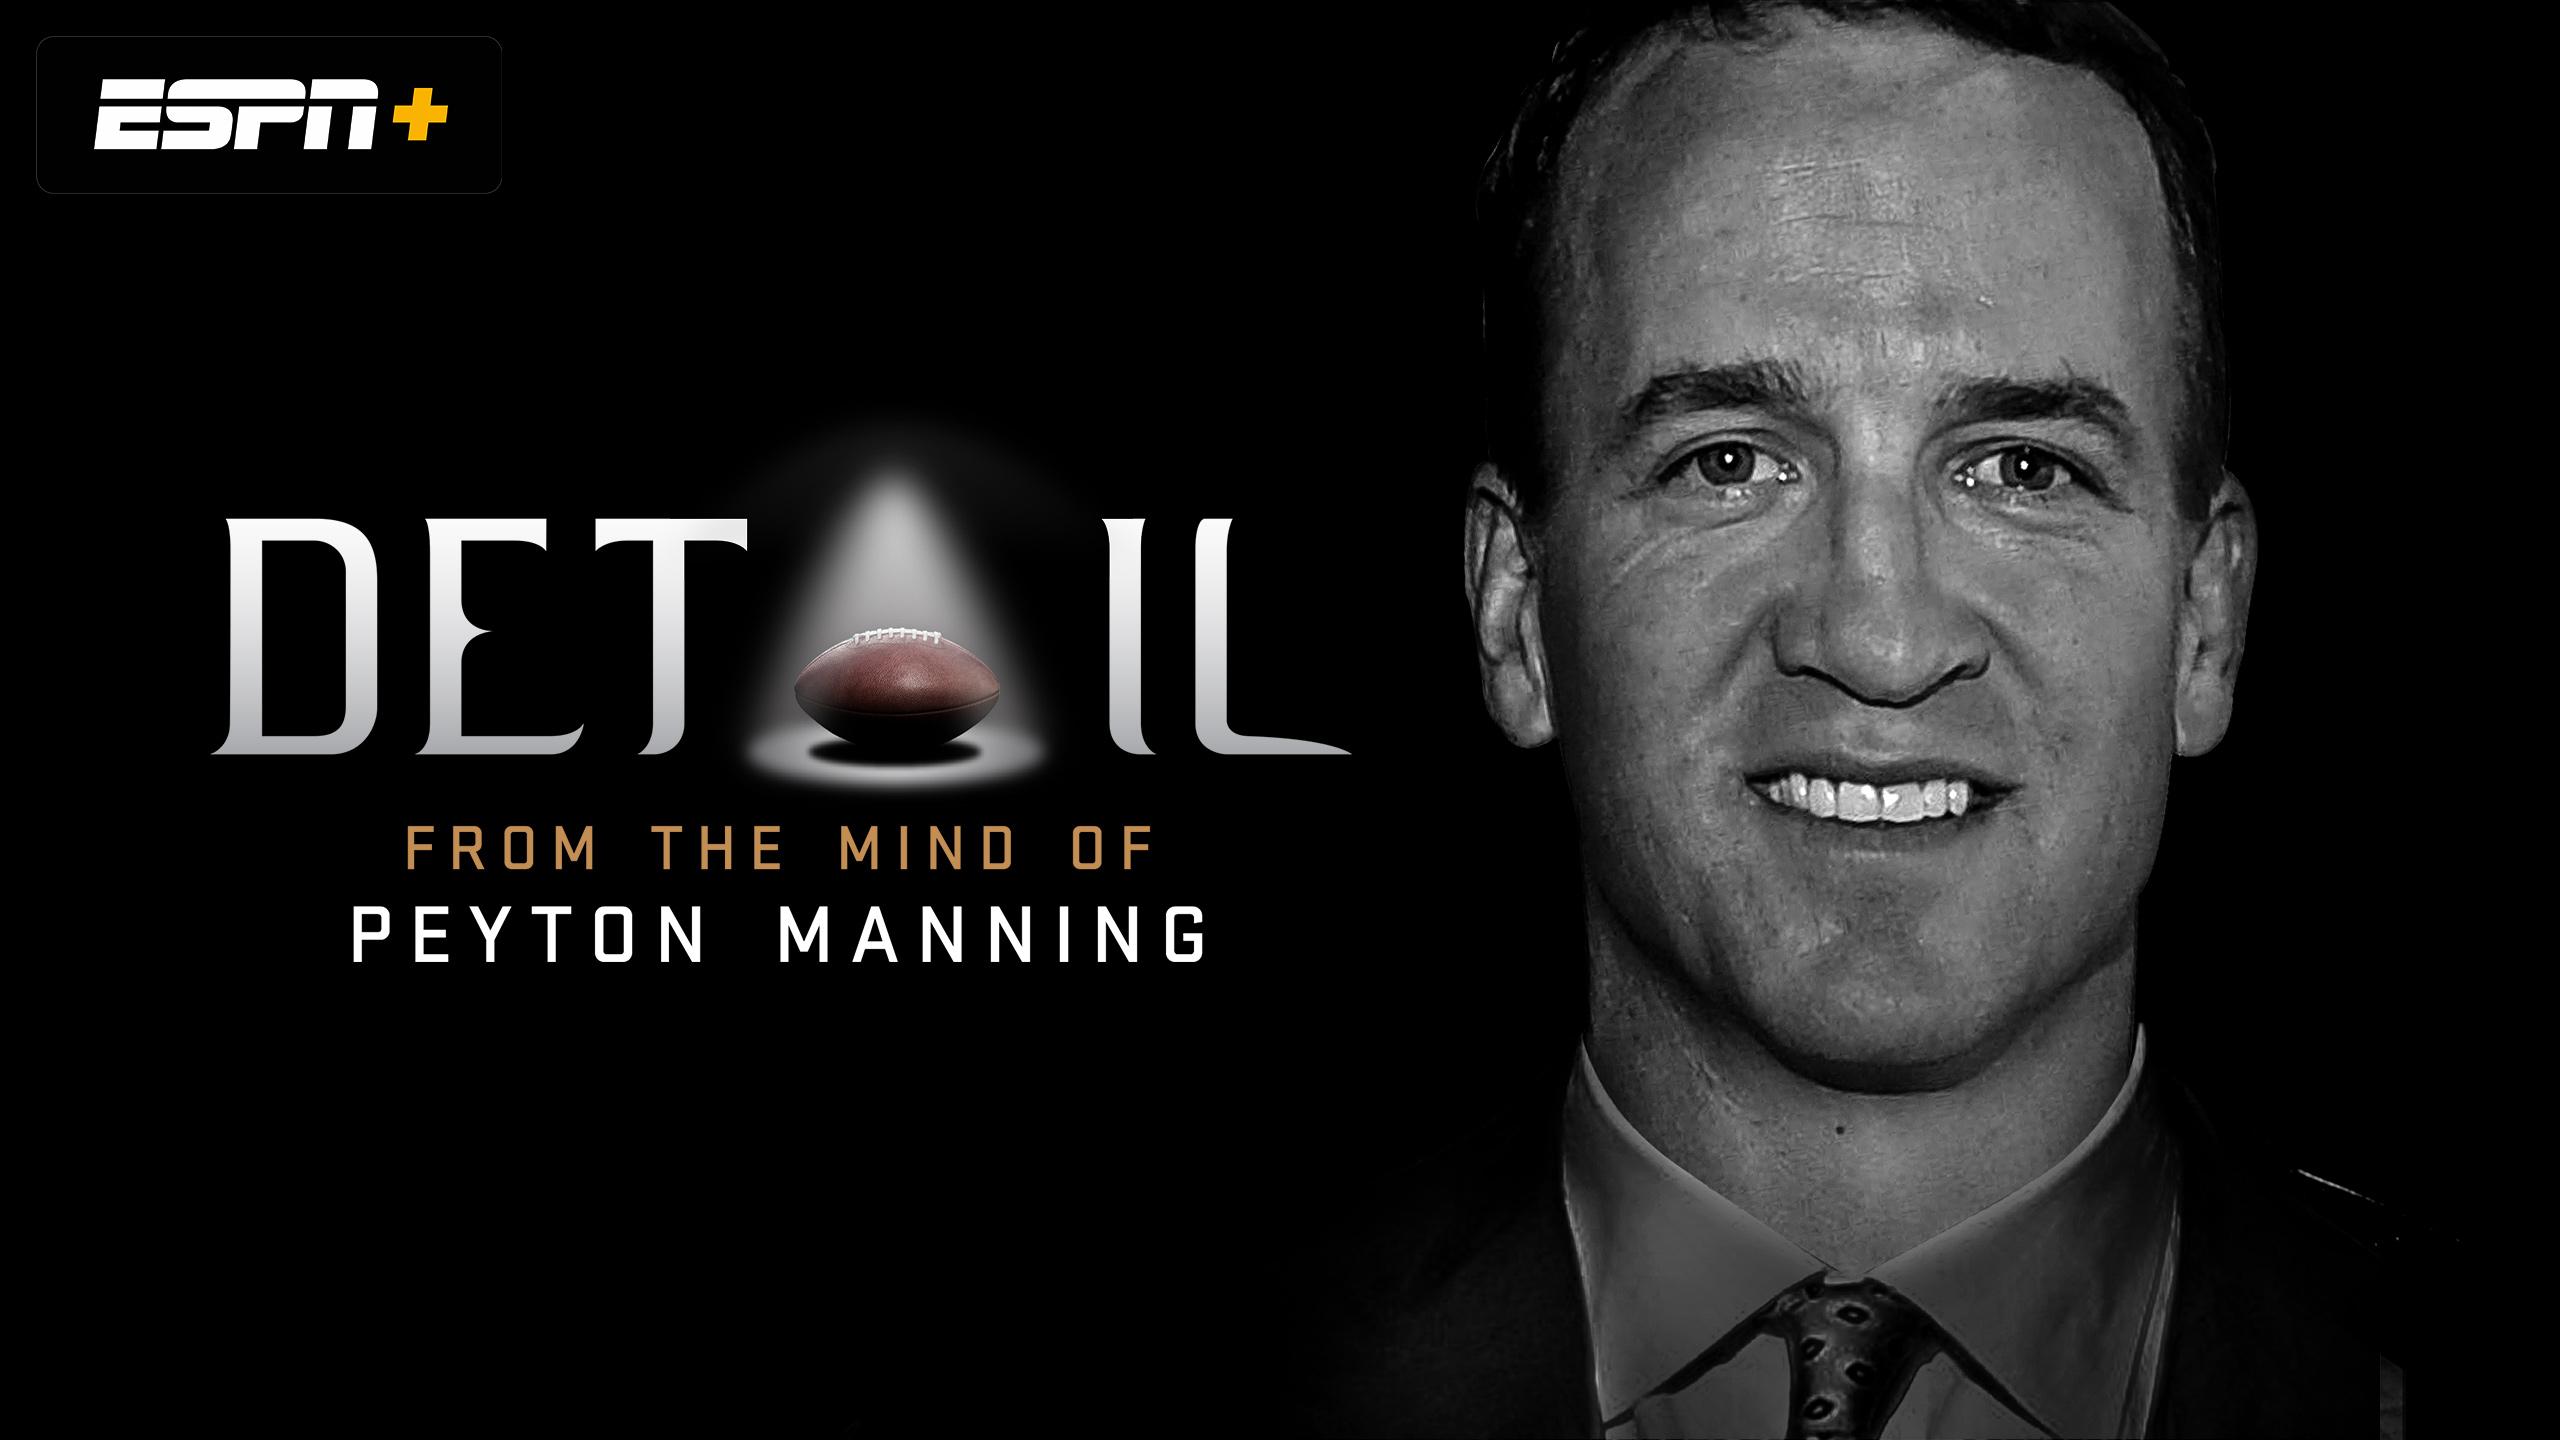 Detail Peyton